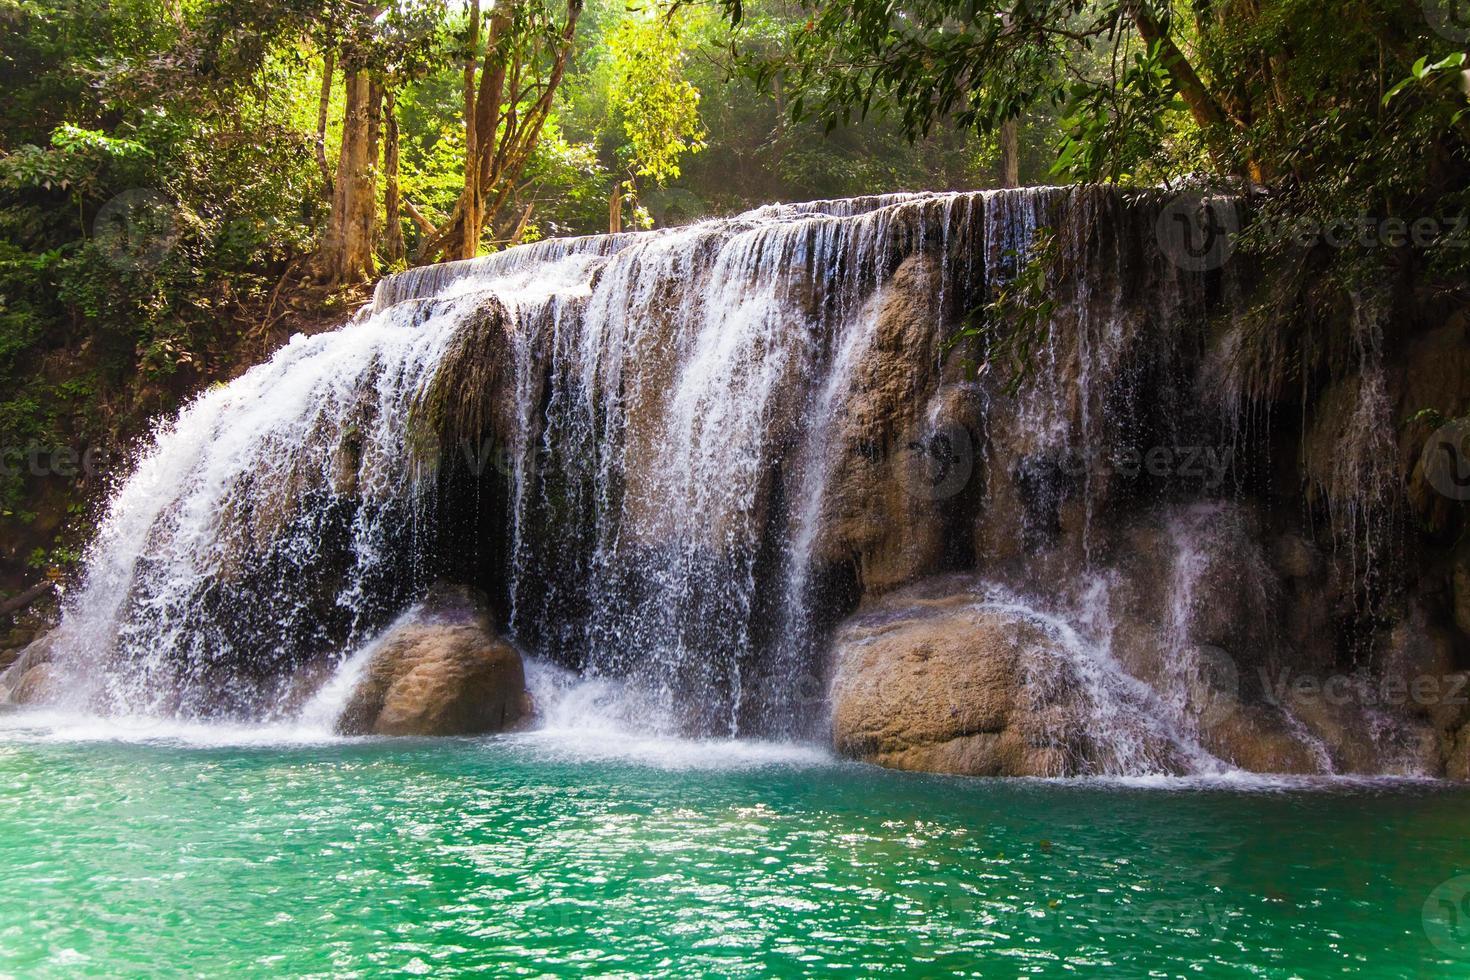 cascata di erawan, kanchanaburi, thailandia. foto